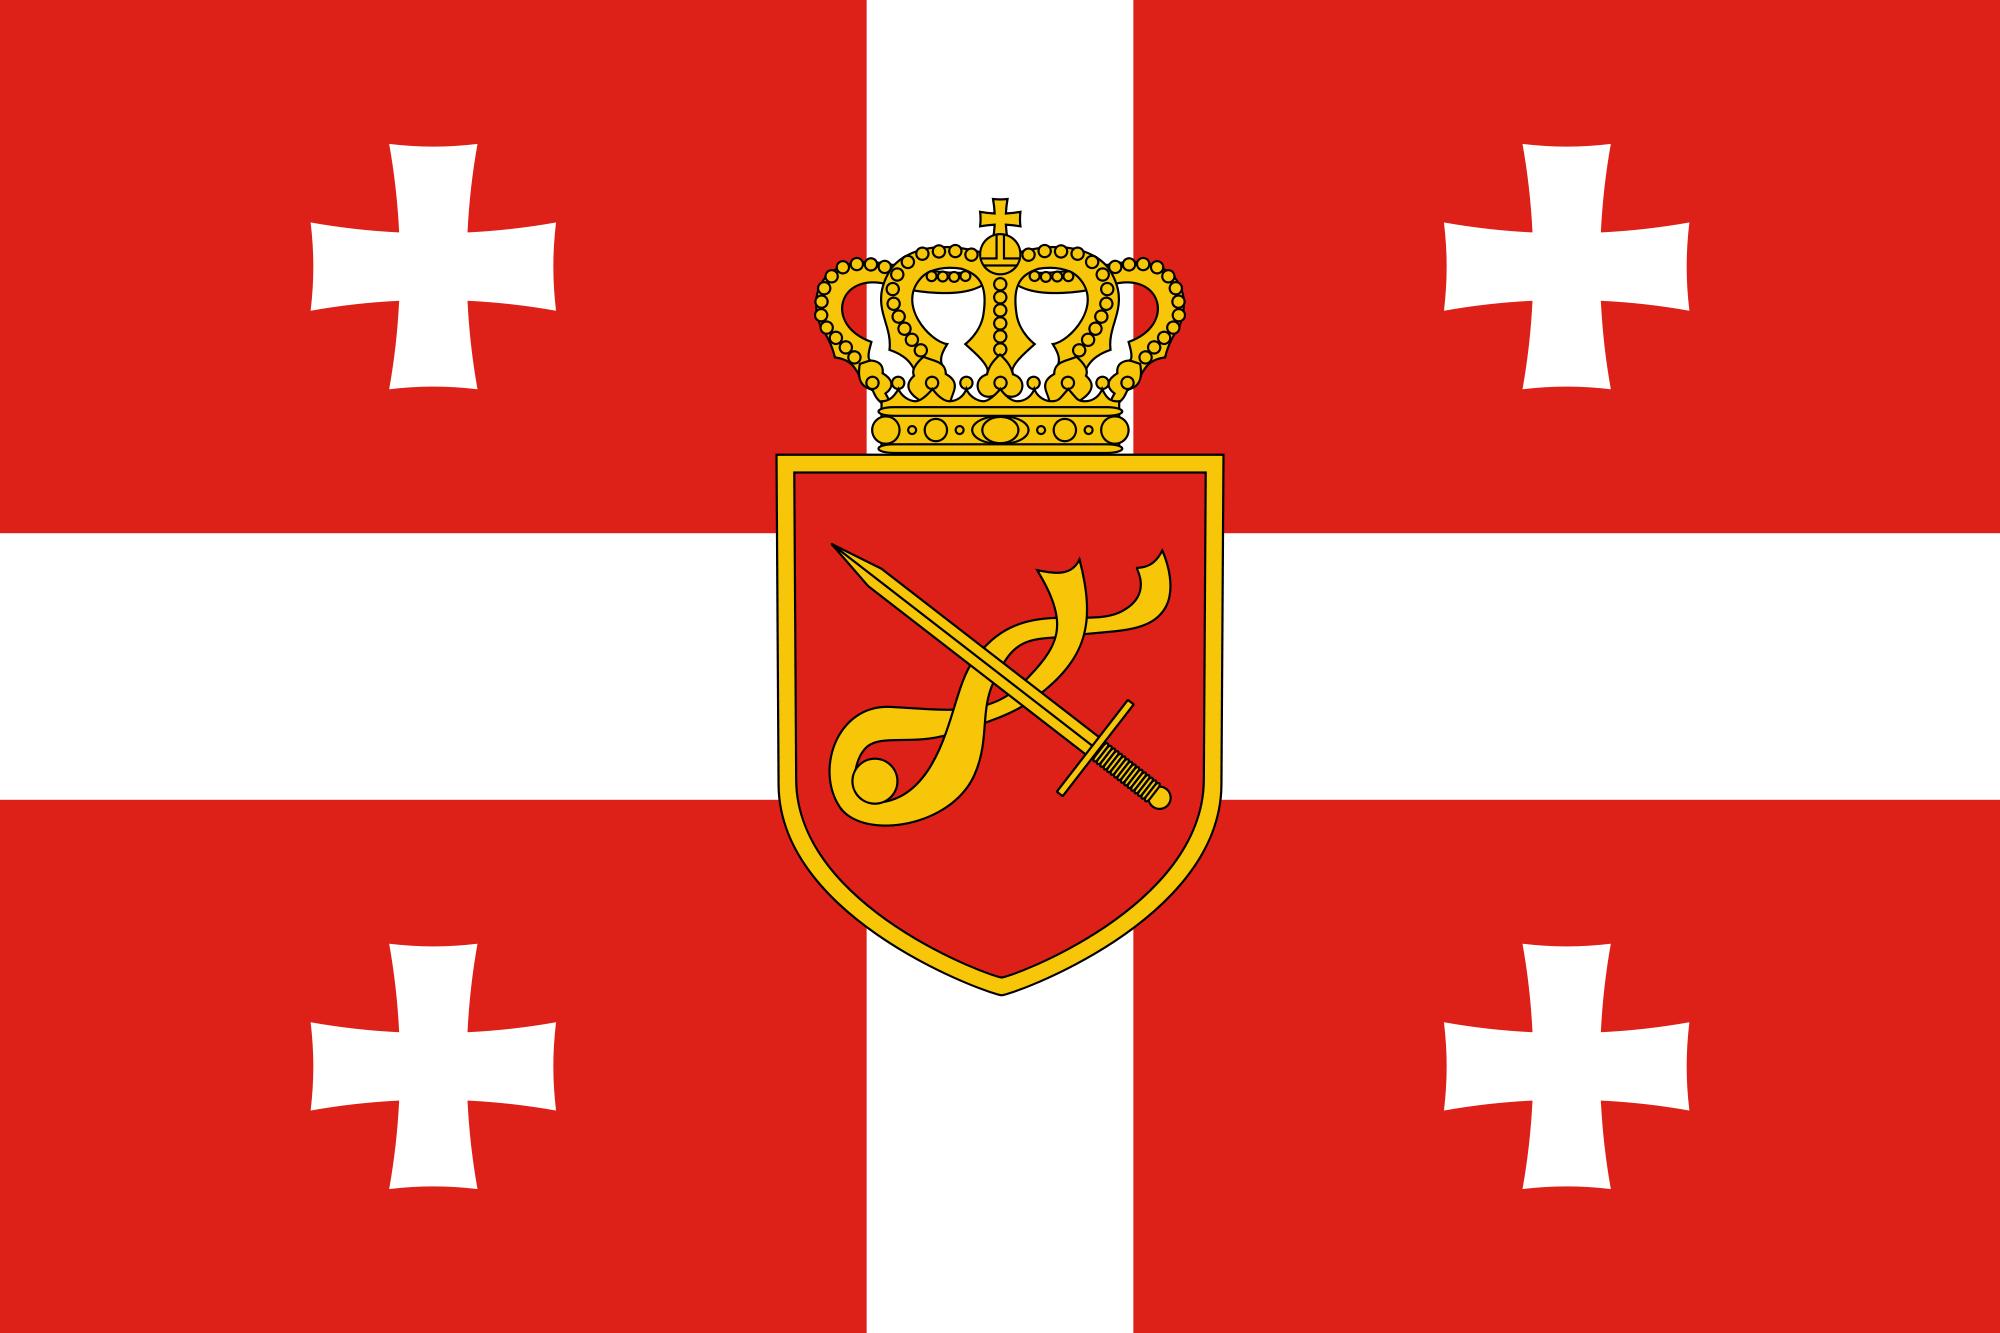 Georgia (War flag)